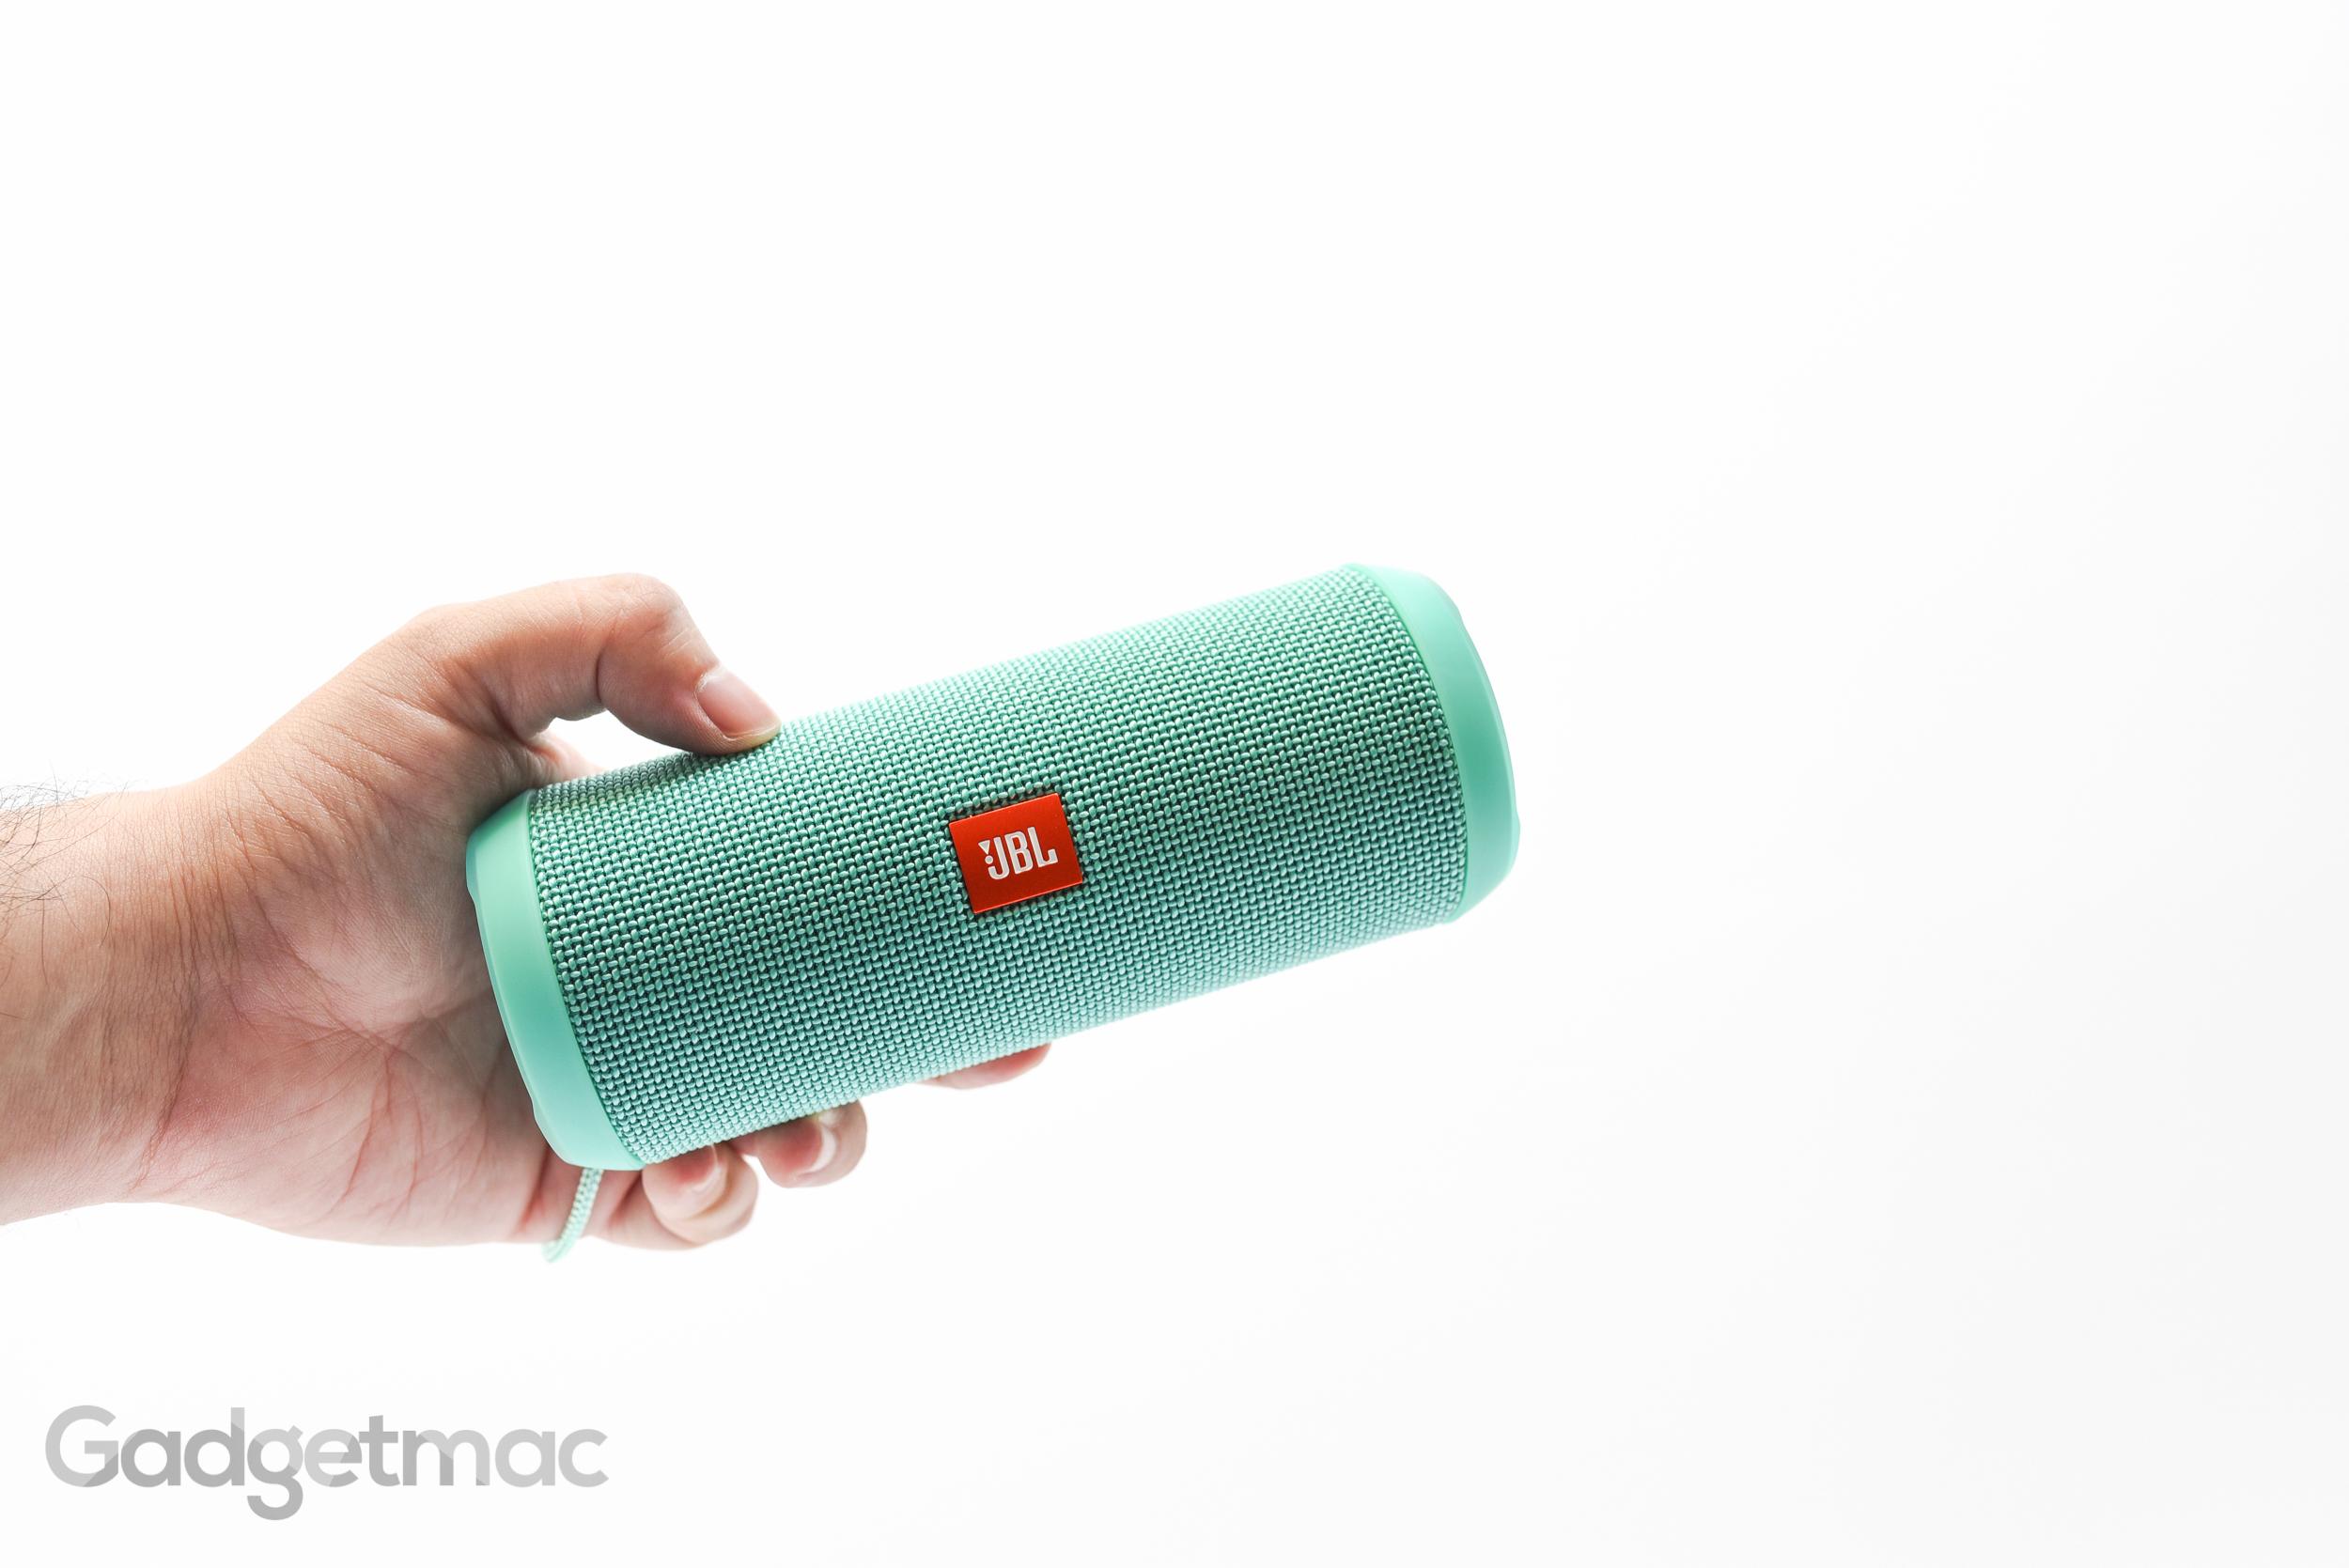 jbl-flip-3-portable-speaker.jpg